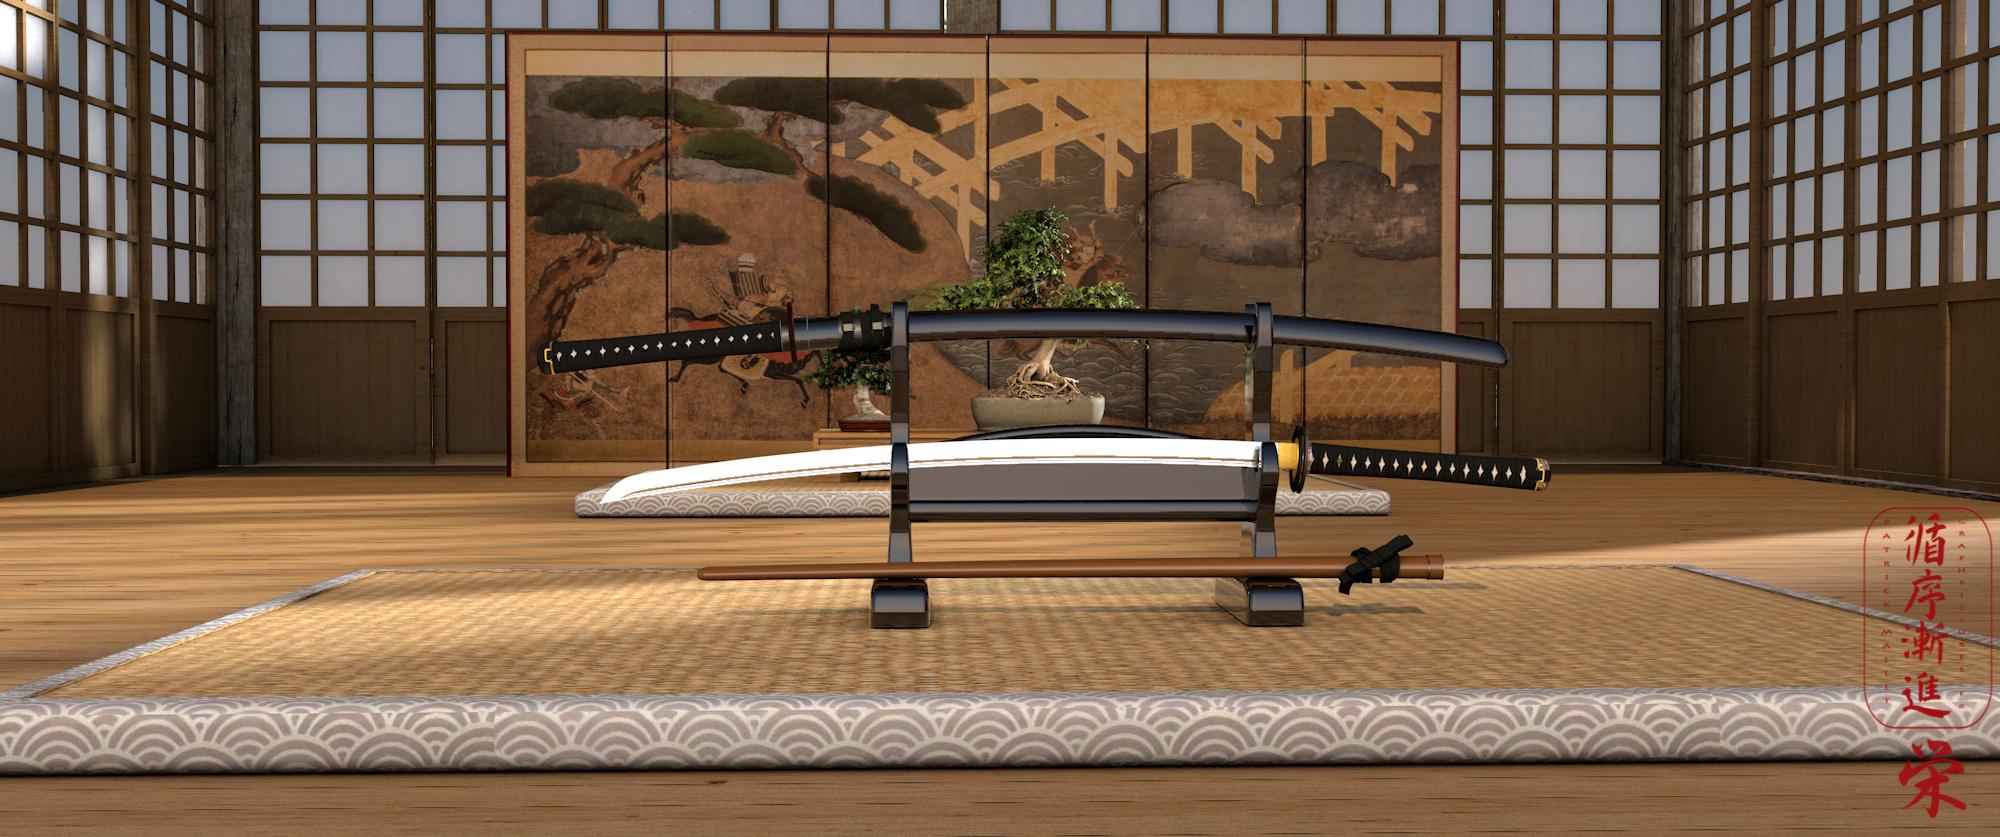 ma vision du  japon - Page 2 Bonsai11